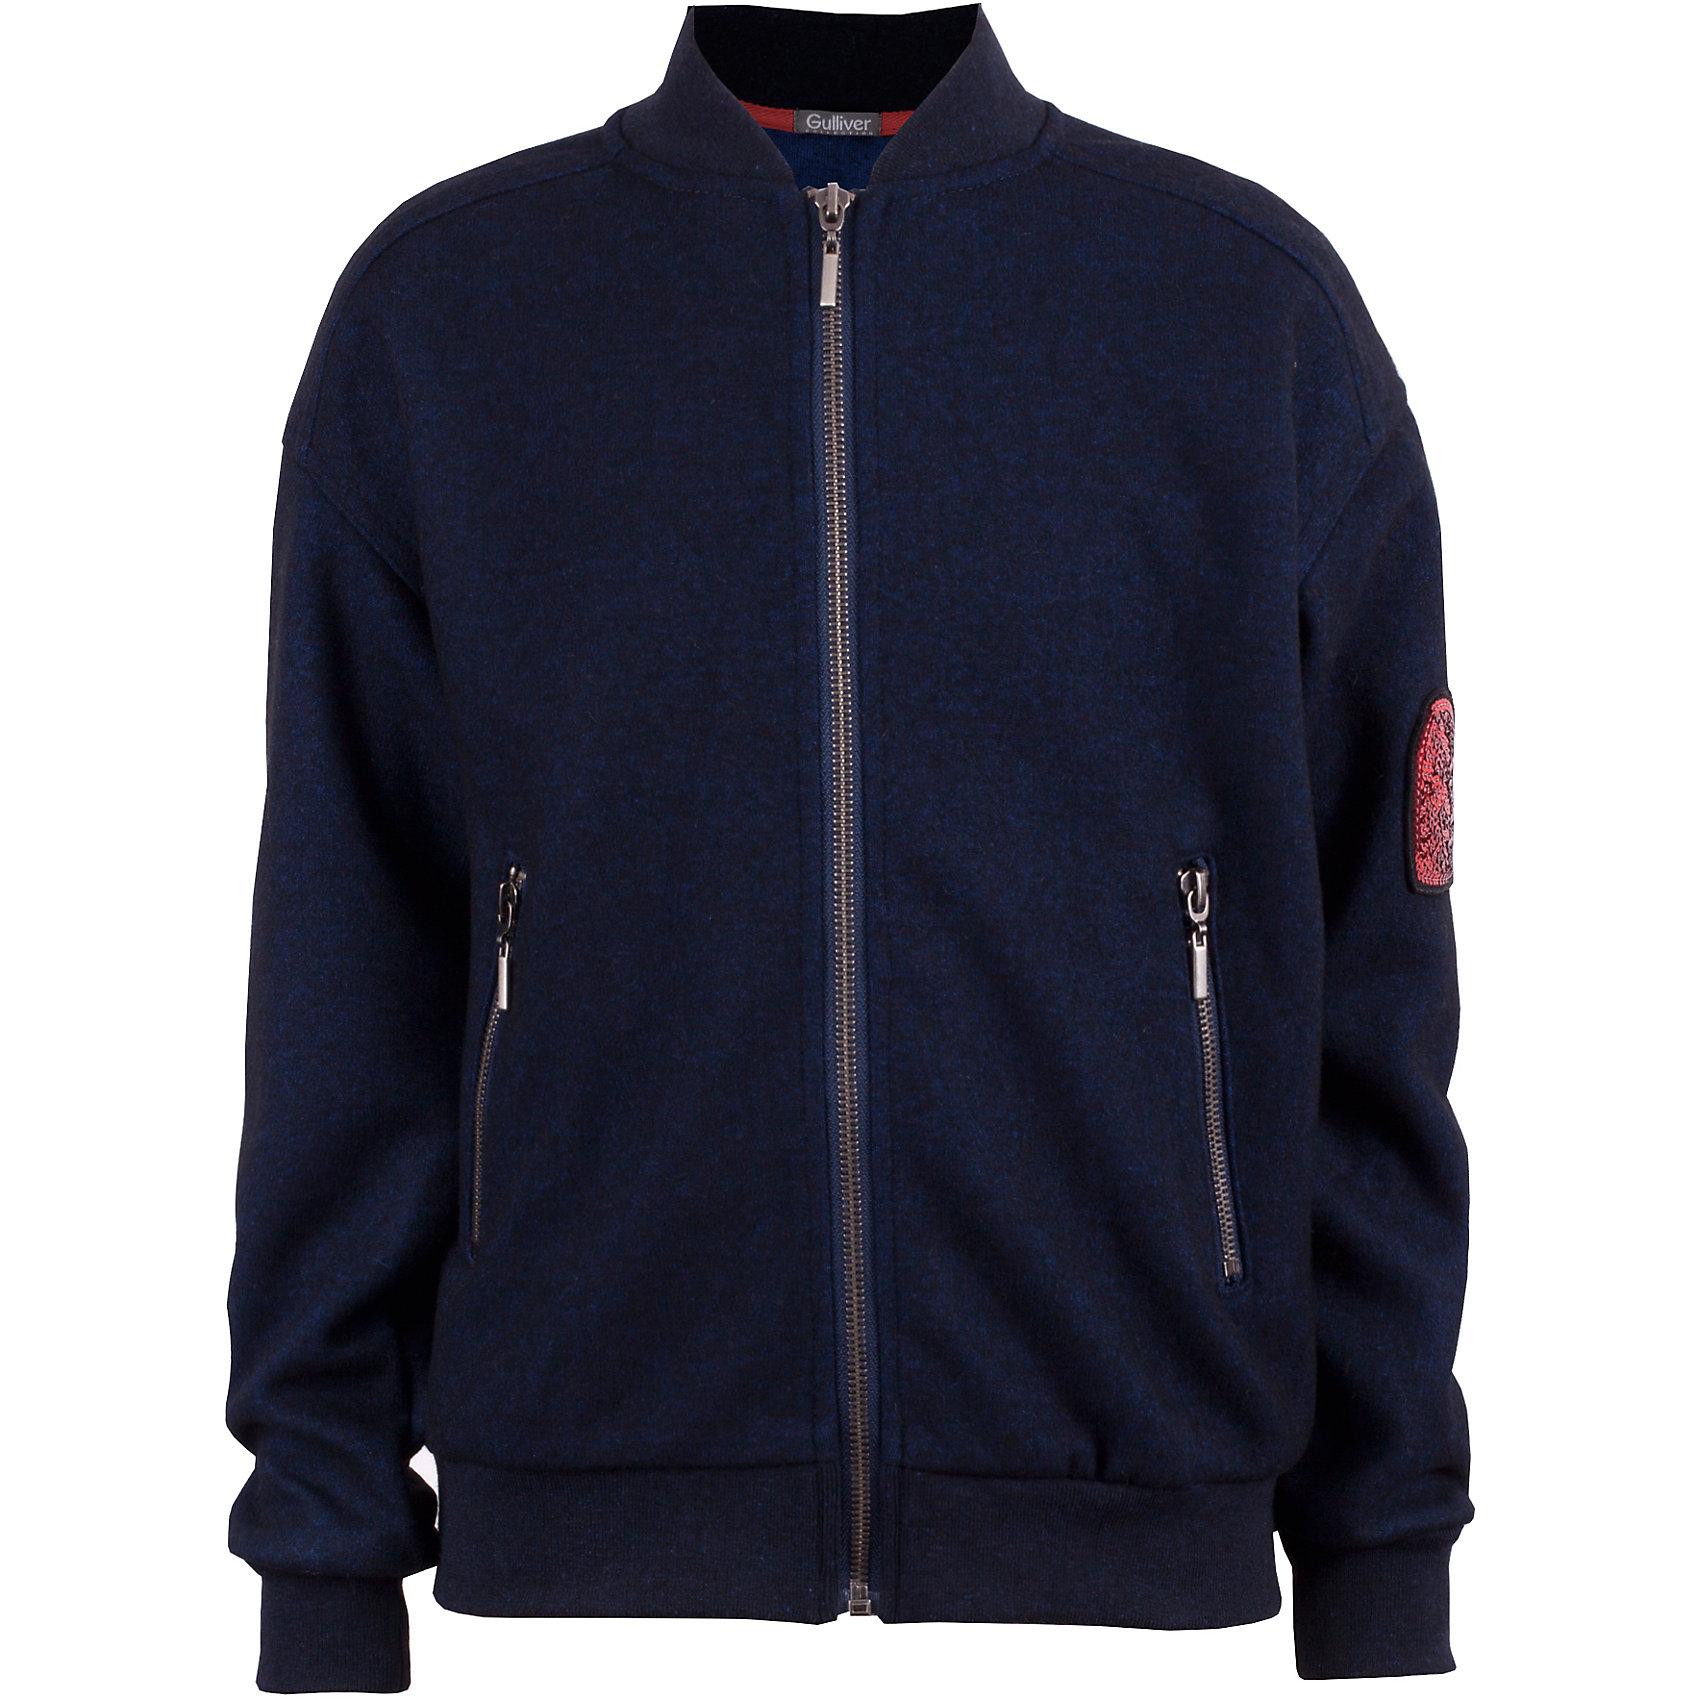 Ветровка Gulliver для девочкиВерхняя одежда<br>Ветровка Gulliver для девочки<br>Эта куртка-косуха - мечта каждой модницы! Сделанная из мягкой эко кожи и коротковорсового искусственного меха, куртка выглядит потрясающе! Модный синий цвет, актуальный силуэт, правильная длина, асимметричная застежка, крупная металлическая молния - в этой модели все совпало для создания дерзкого и динамичного образа. Если вам наскучили традиционные куртки из плащевки, и вы хотите приобрести модную интересную вещь, которая станет ярким и выразительным акцентом осенне-зимнего гардероба вашего ребенка, вам стоит купить куртку от Gulliver! Смелое дизайнерское решение сделает каждый look ребенка свежим, необычным и интересным.<br>Состав:<br>100% полиэстер<br><br>Ширина мм: 356<br>Глубина мм: 10<br>Высота мм: 245<br>Вес г: 519<br>Цвет: синий<br>Возраст от месяцев: 72<br>Возраст до месяцев: 84<br>Пол: Женский<br>Возраст: Детский<br>Размер: 122,140,134,128<br>SKU: 7076802